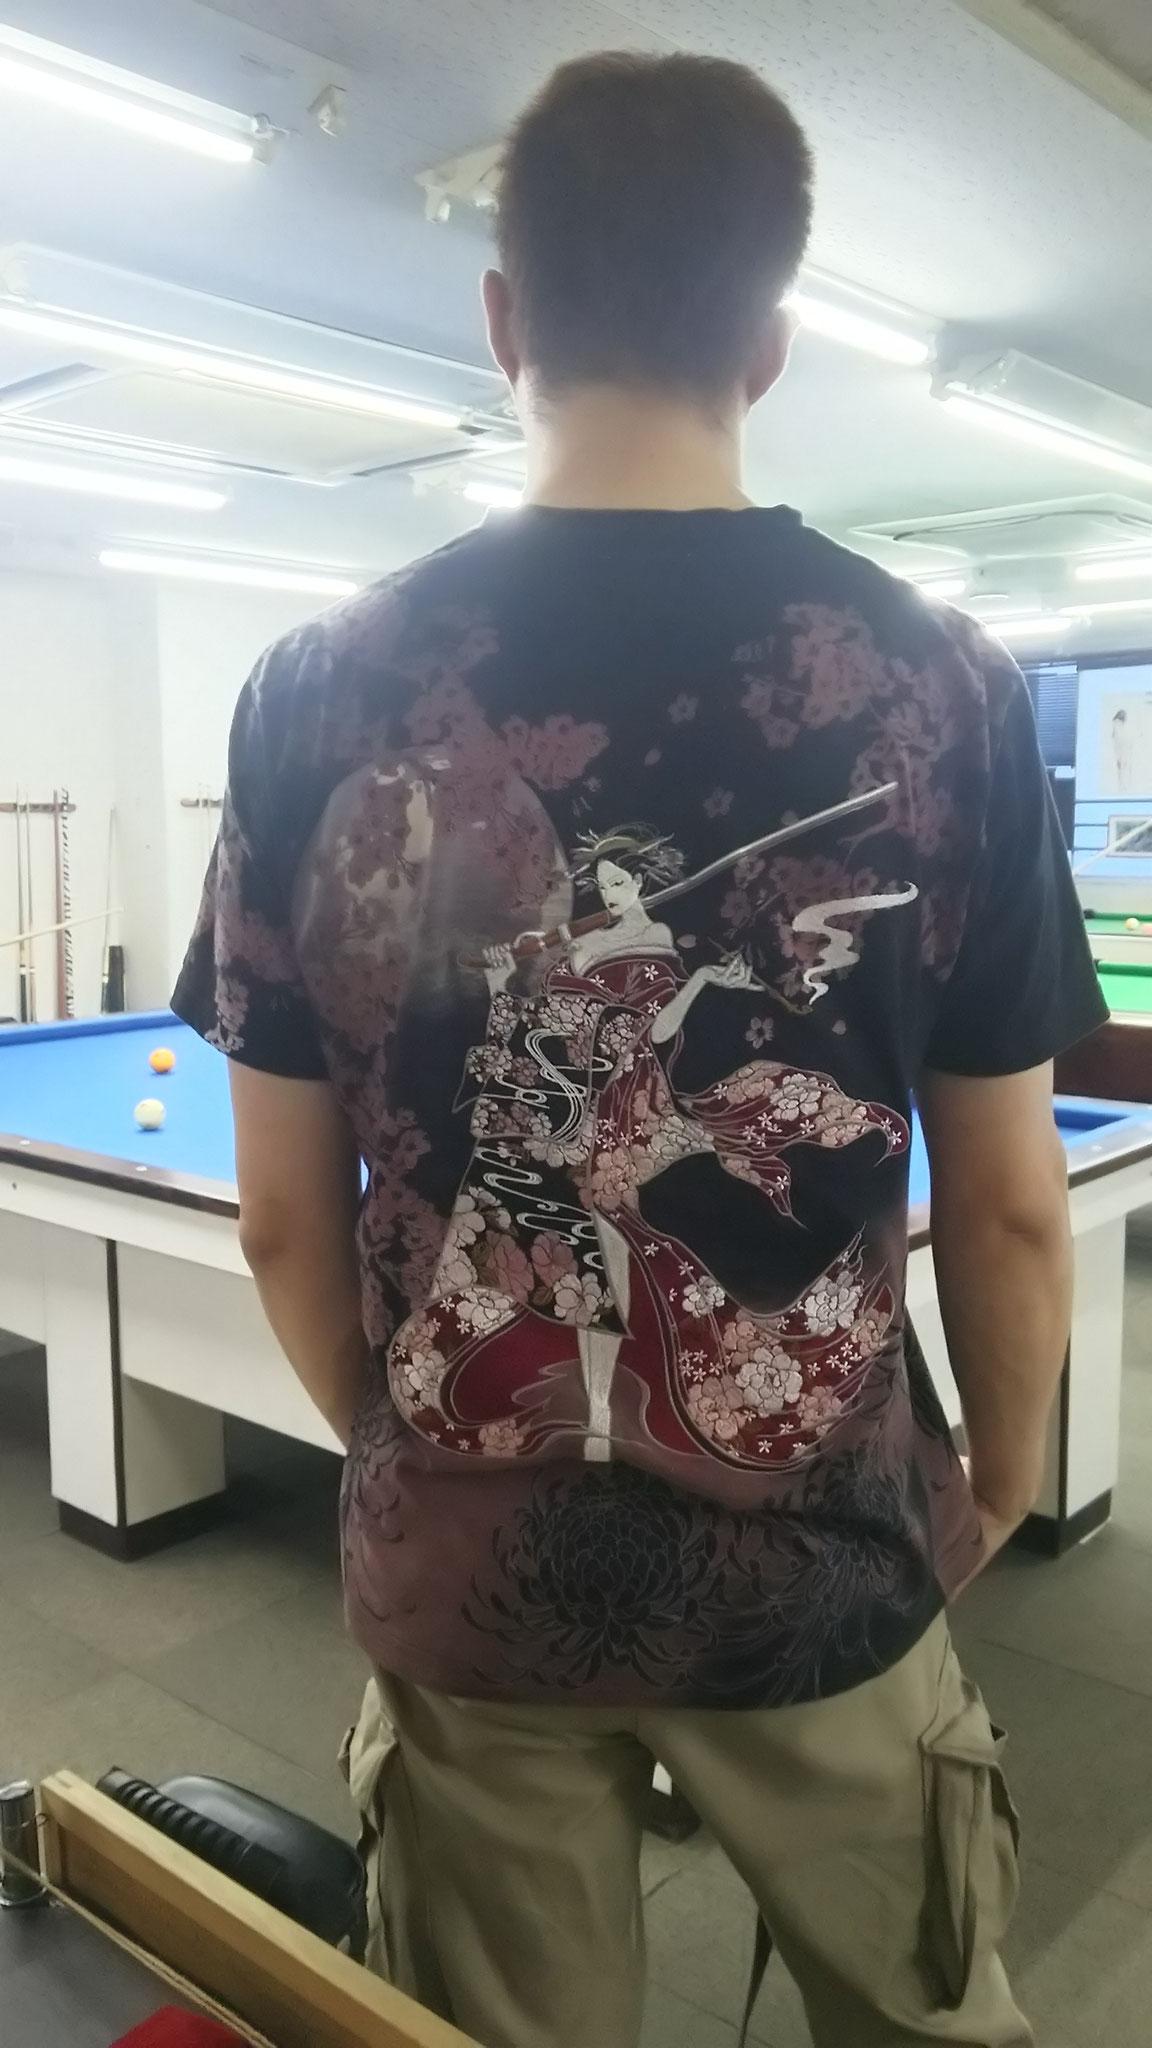 クイズ!すんごい刺繍のTシャツ、誰でしょう!